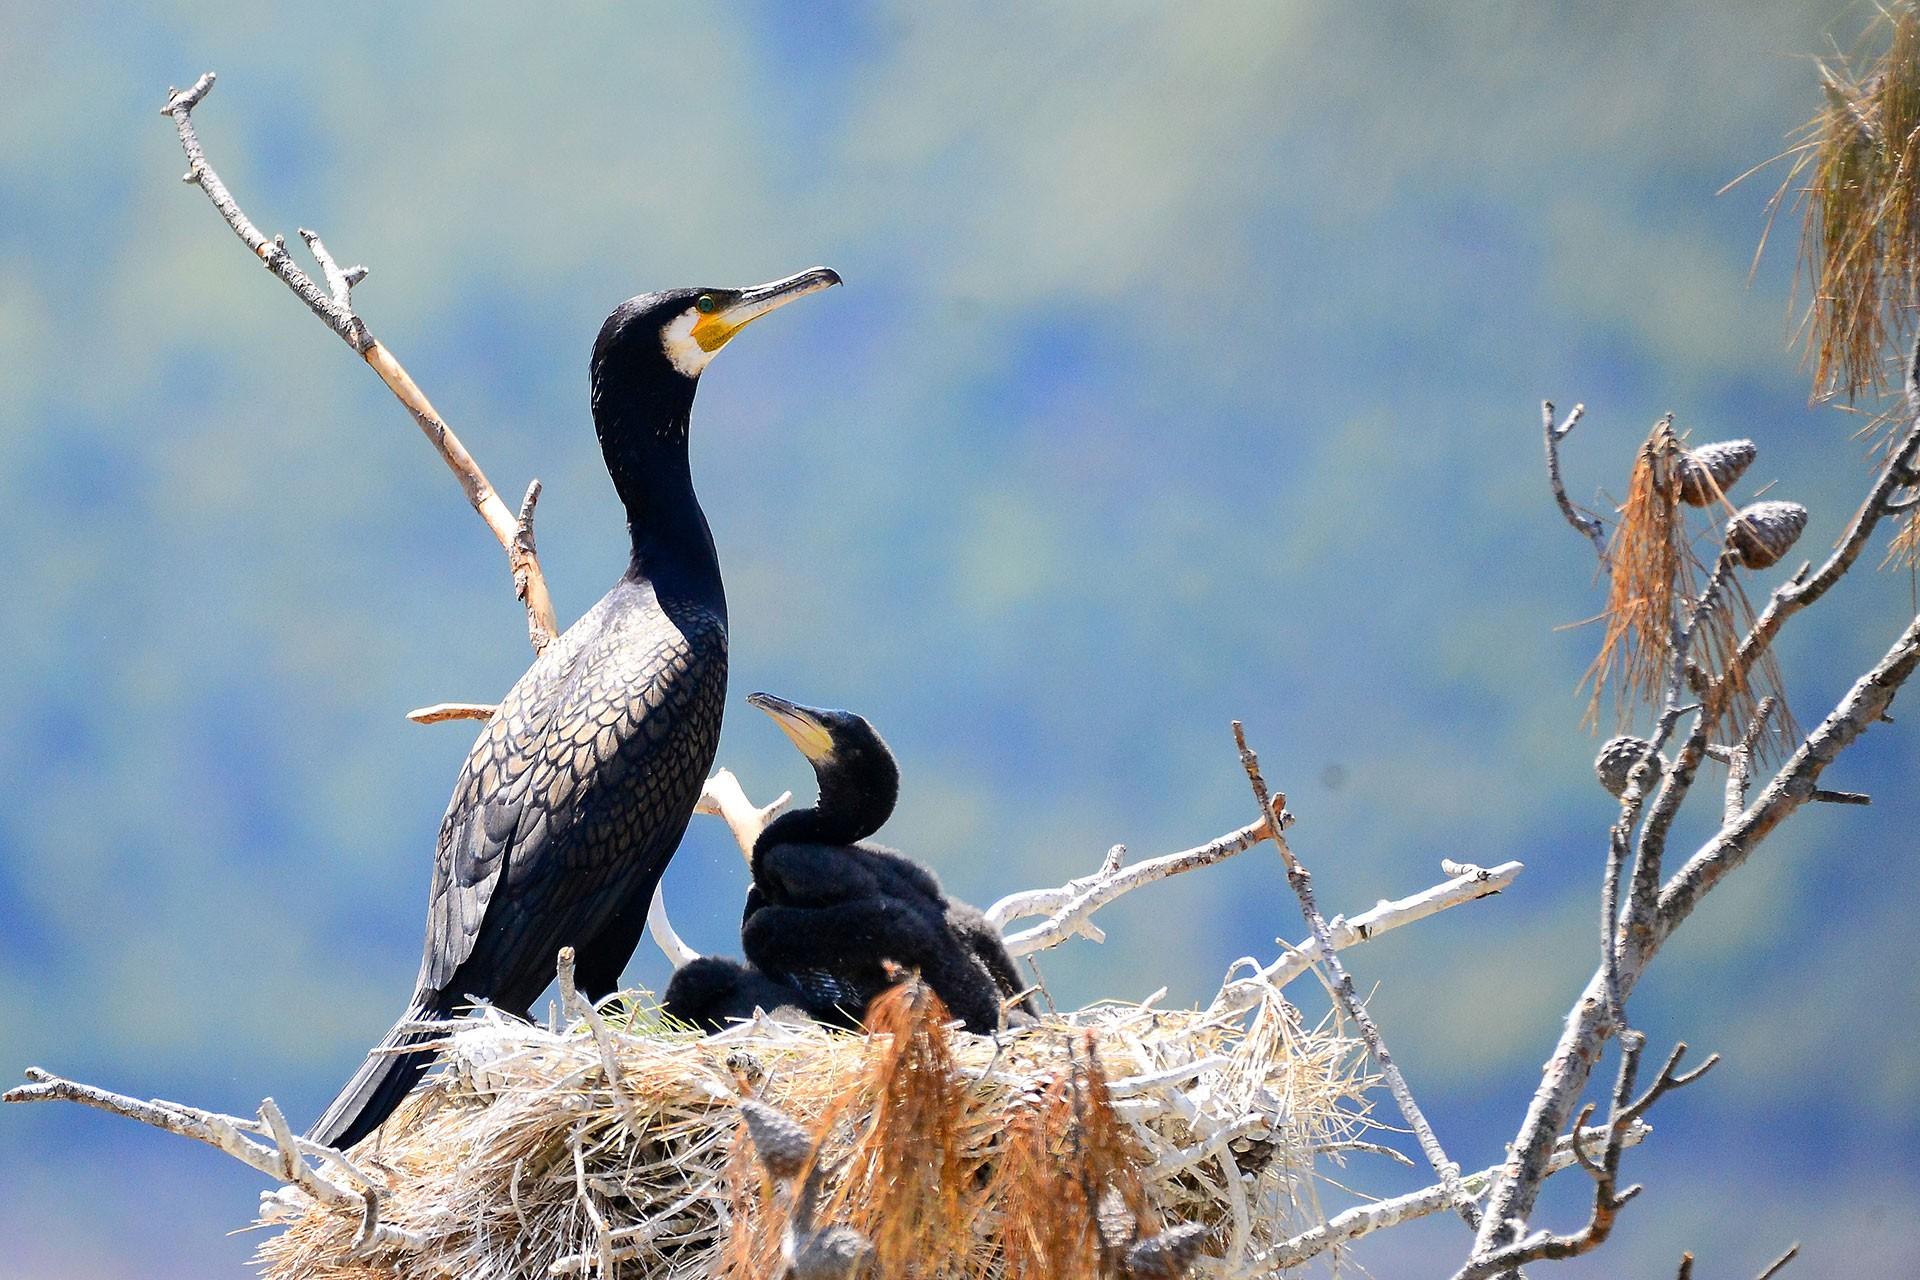 Baharın gelişiyle kuş yuvalarında yaşam mücadelesi hızlanırken, anne karabataklar yavrularına yemek taşıma telaşı içinde.